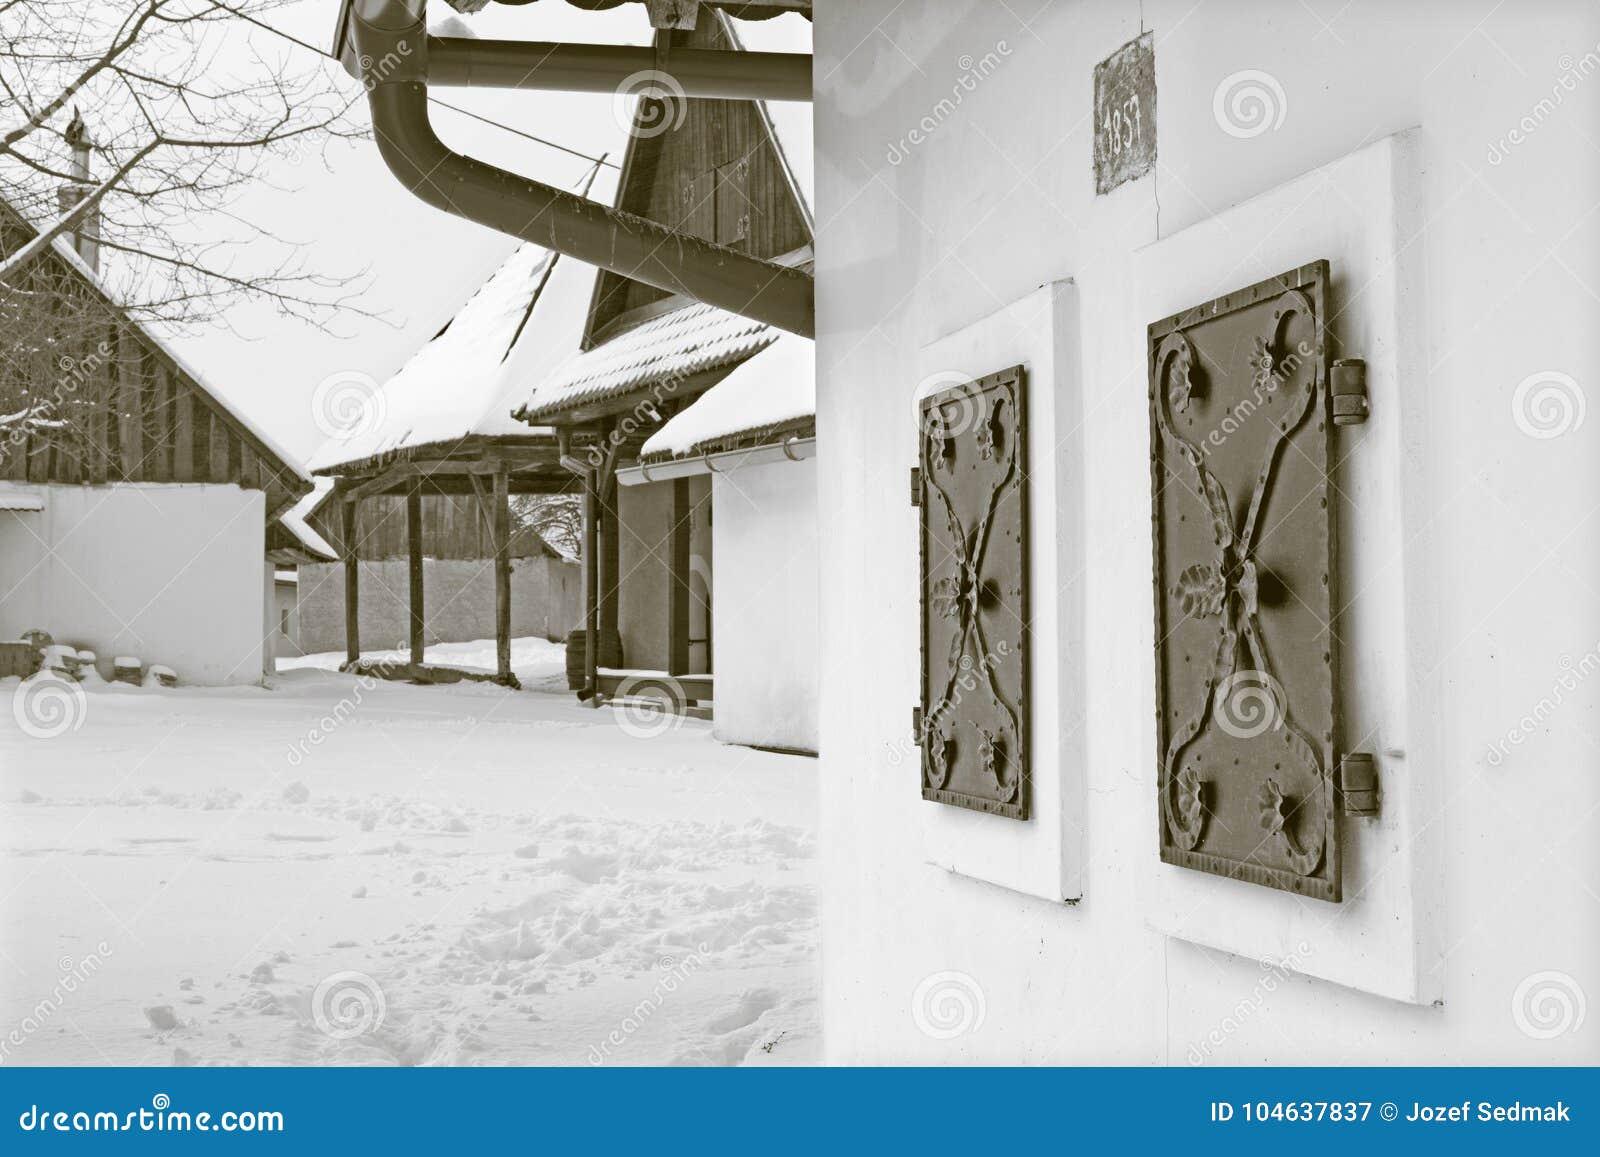 Download Sebechleby - Porticoes Van De Oude Huizen Van De Wijnstokkelder Van Middenslowakije Stara Hora In De Winter Stock Afbeelding - Afbeelding bestaande uit monument, huis: 104637837